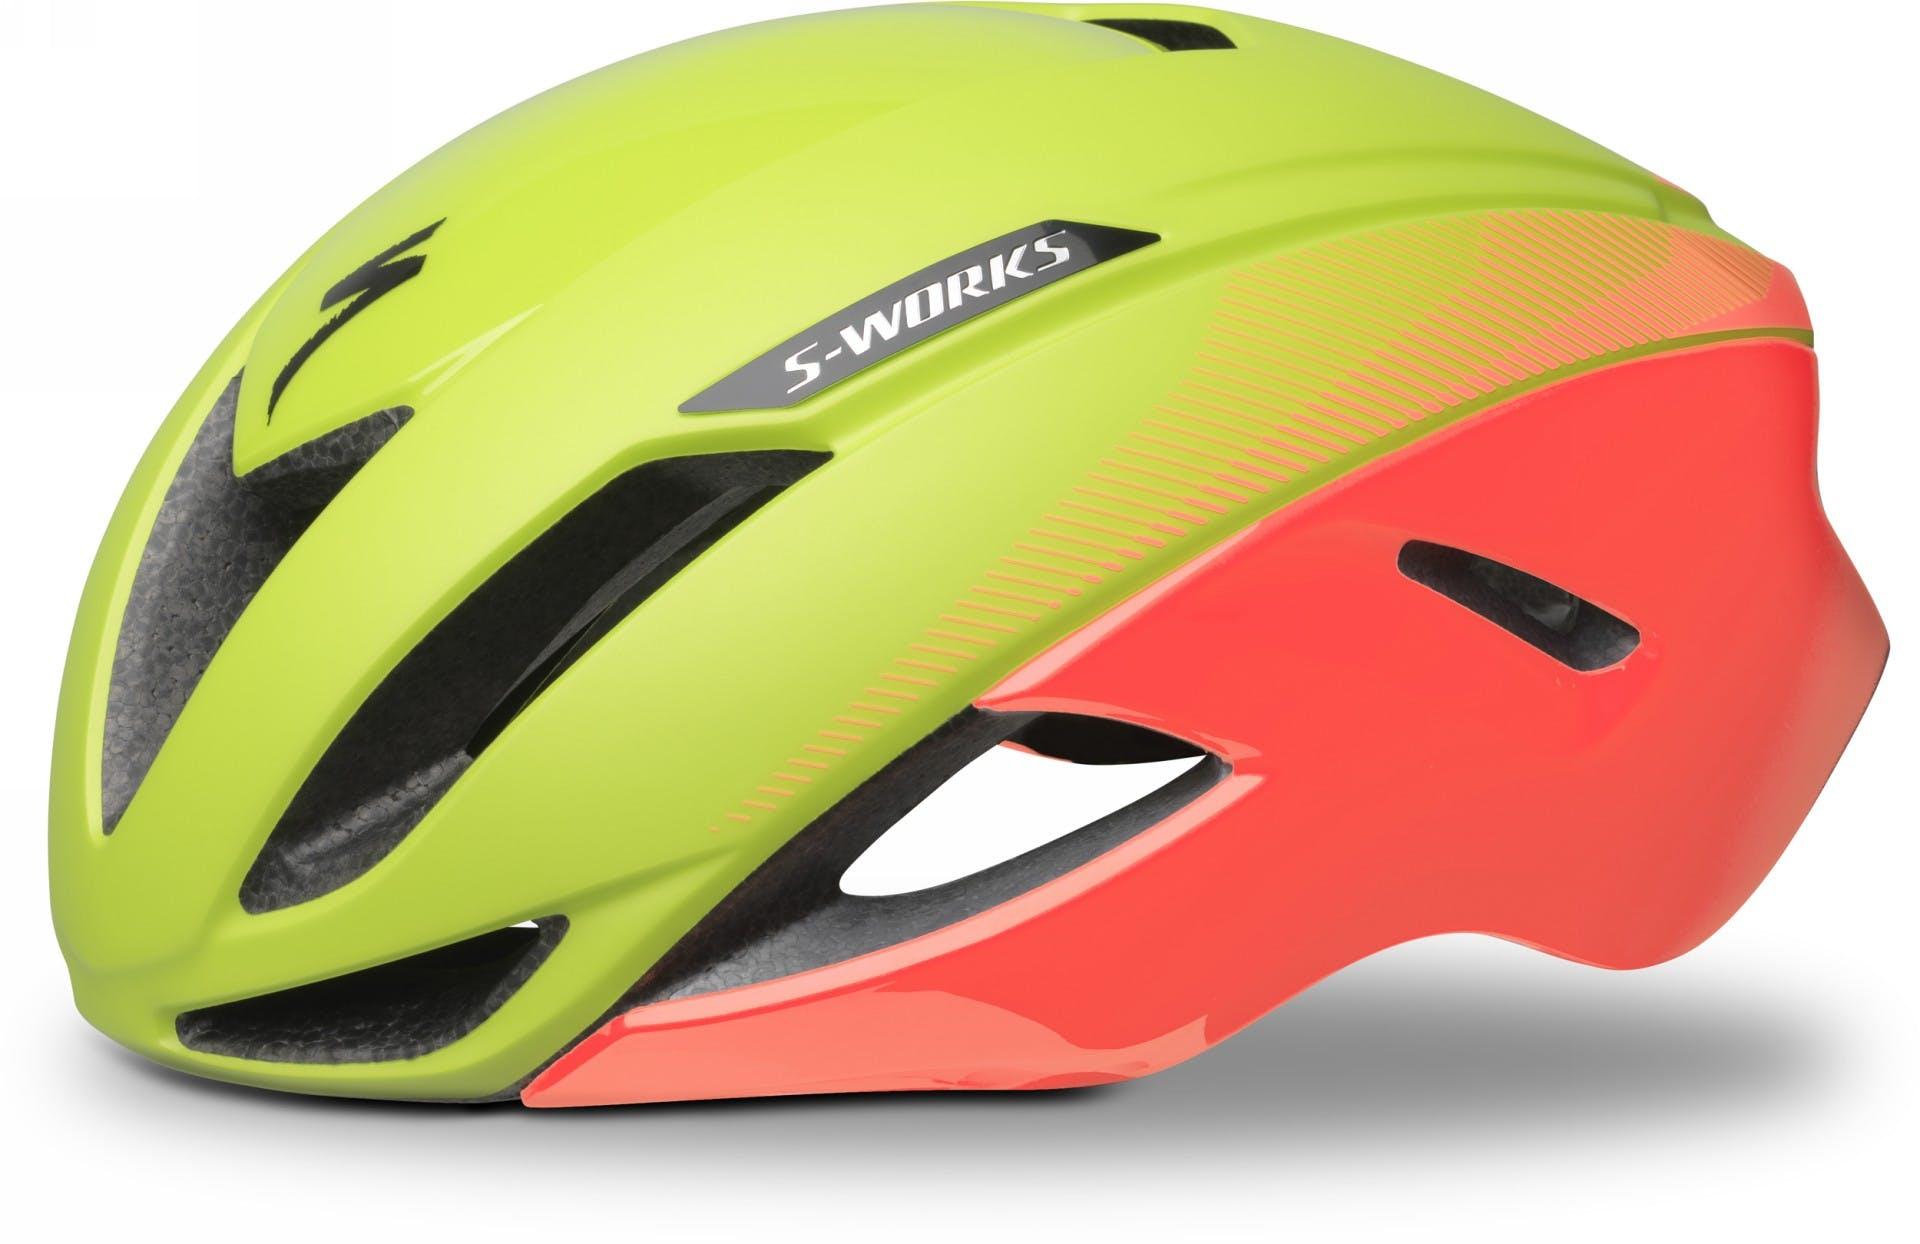 casco da bici specialized s-works evade colore acid lava, vista laterale